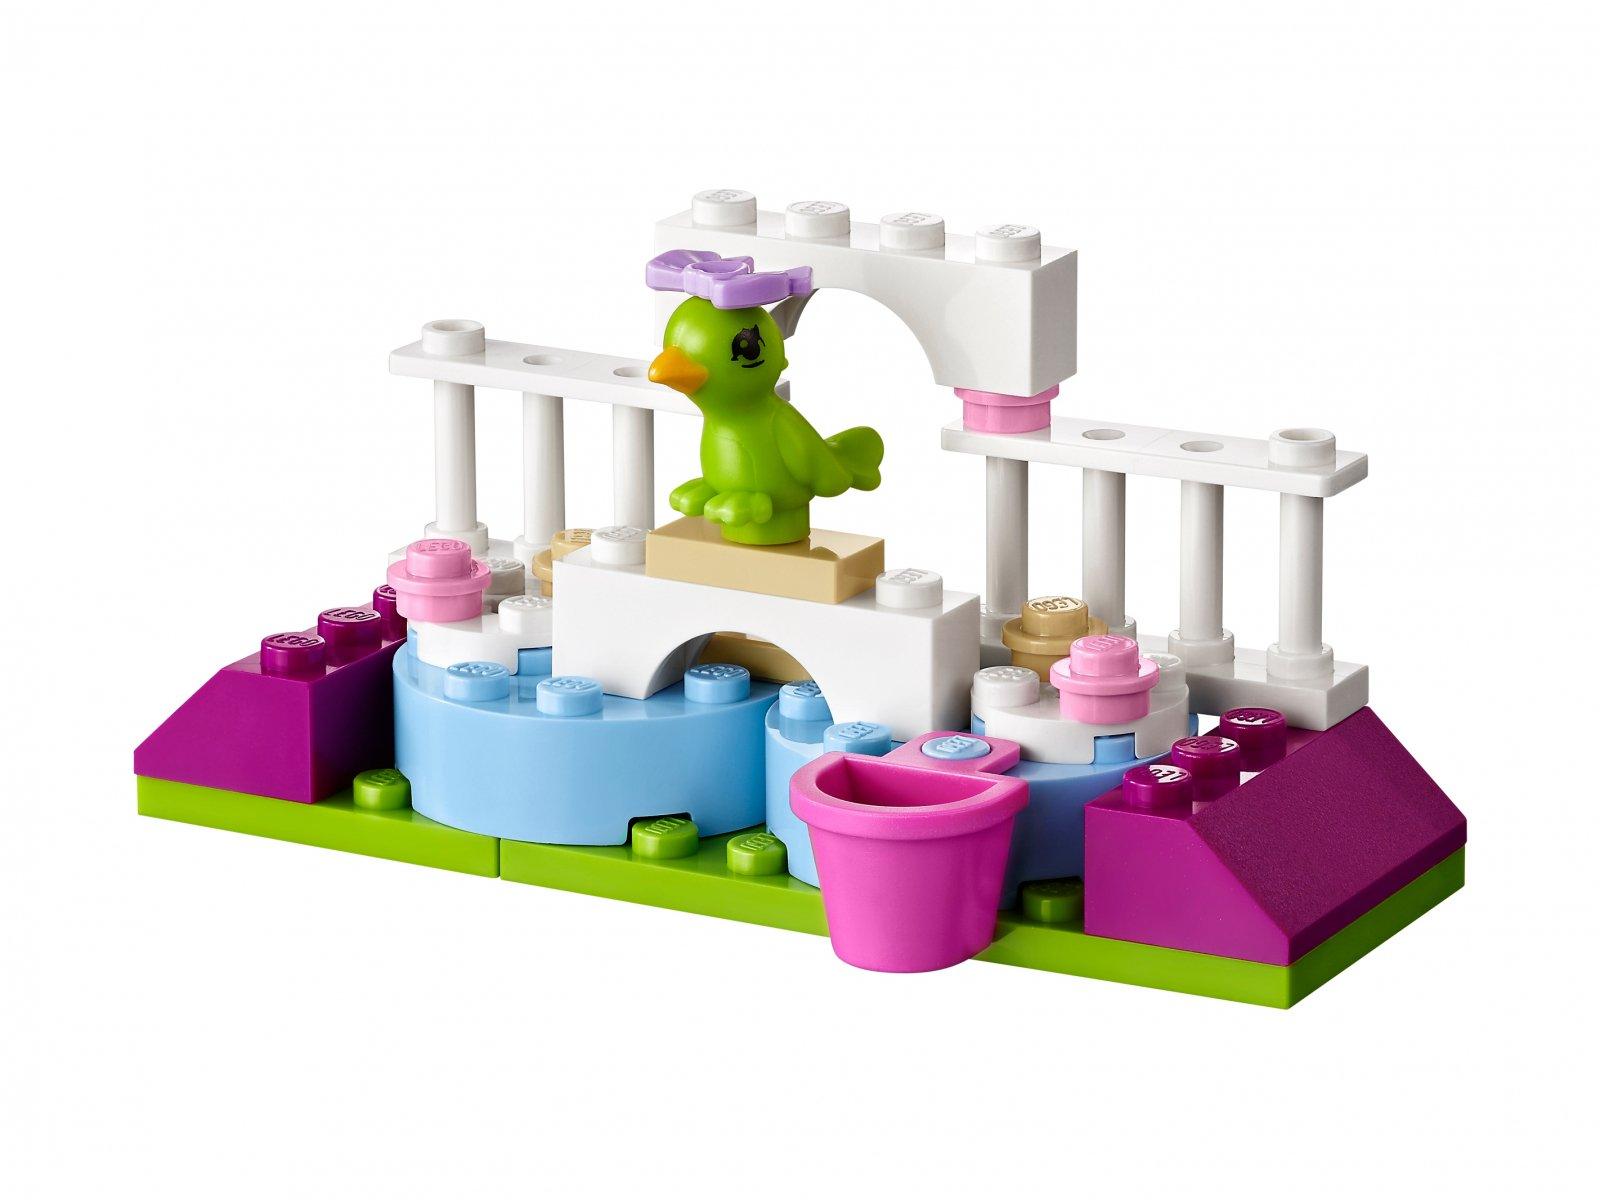 Lego 41024 Friends Domek Papugi Zklockówpl